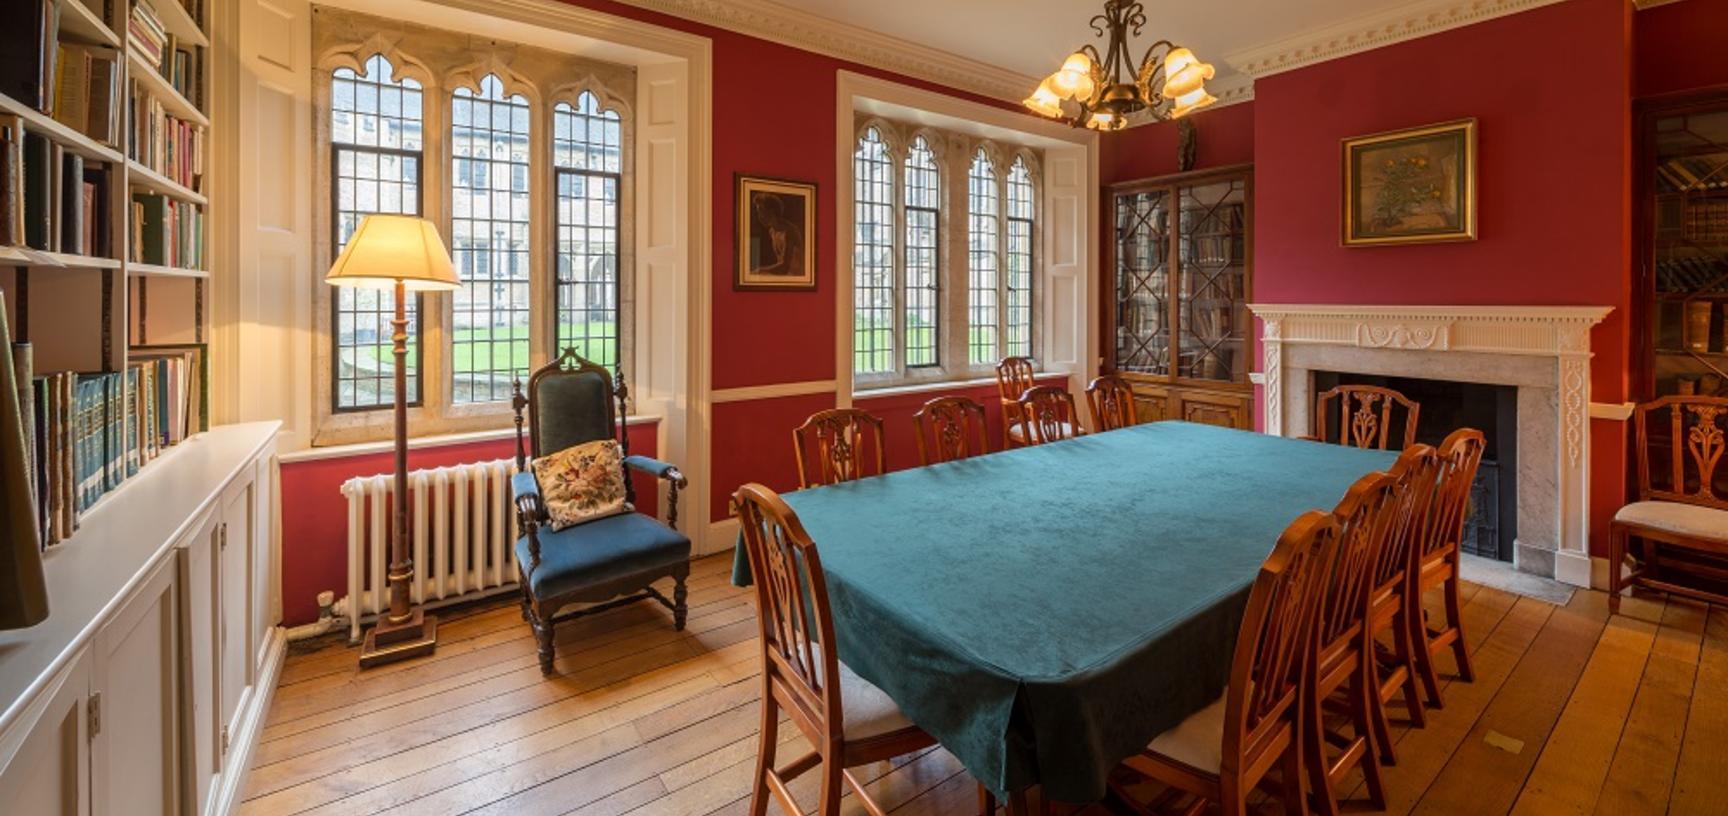 The van Heyningen Room